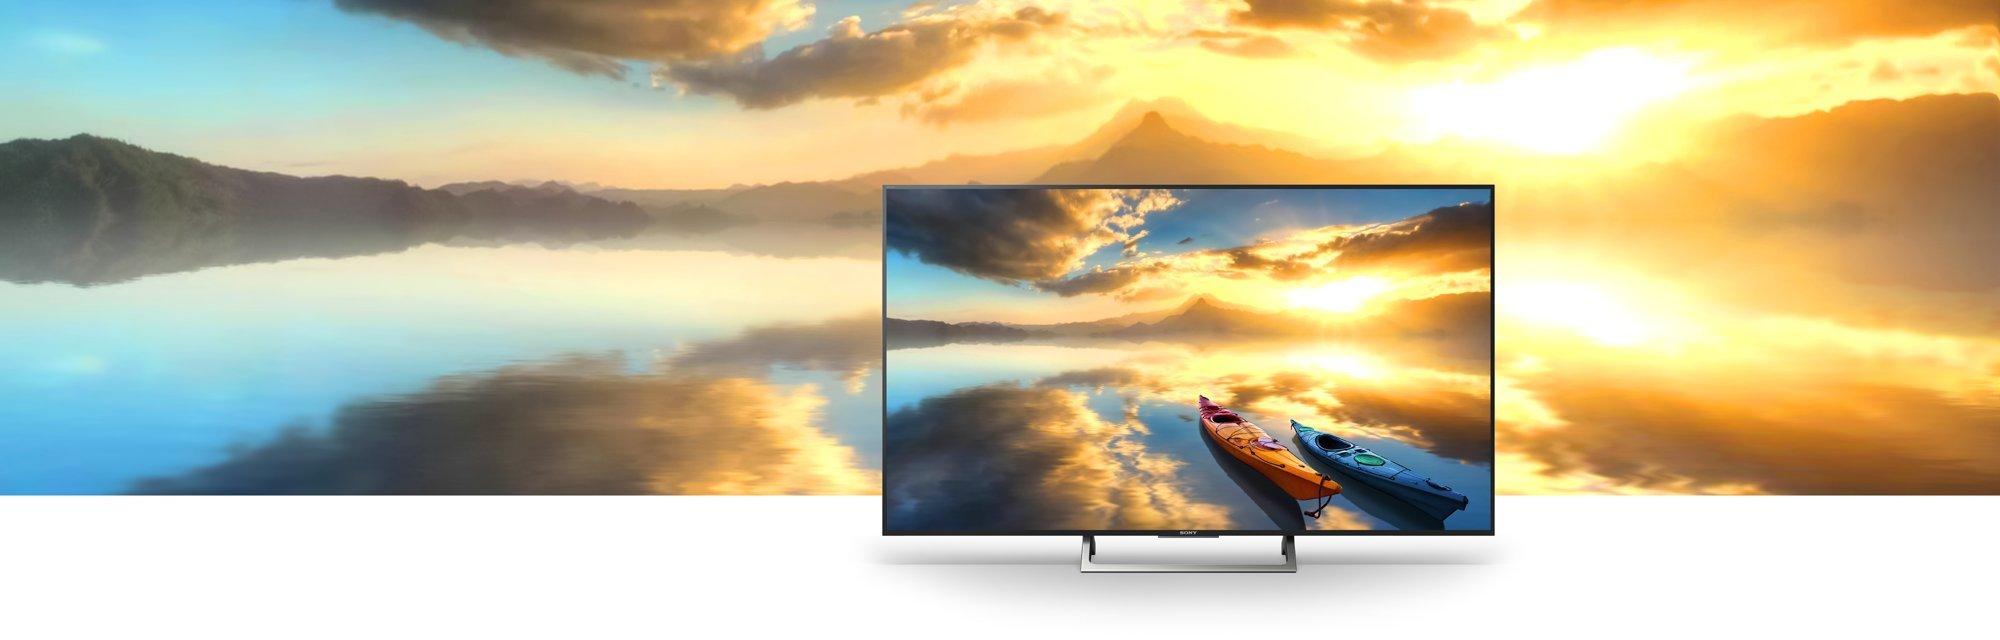 X7000E LED 4K Ultra HD (HDR) Smart TV - 65